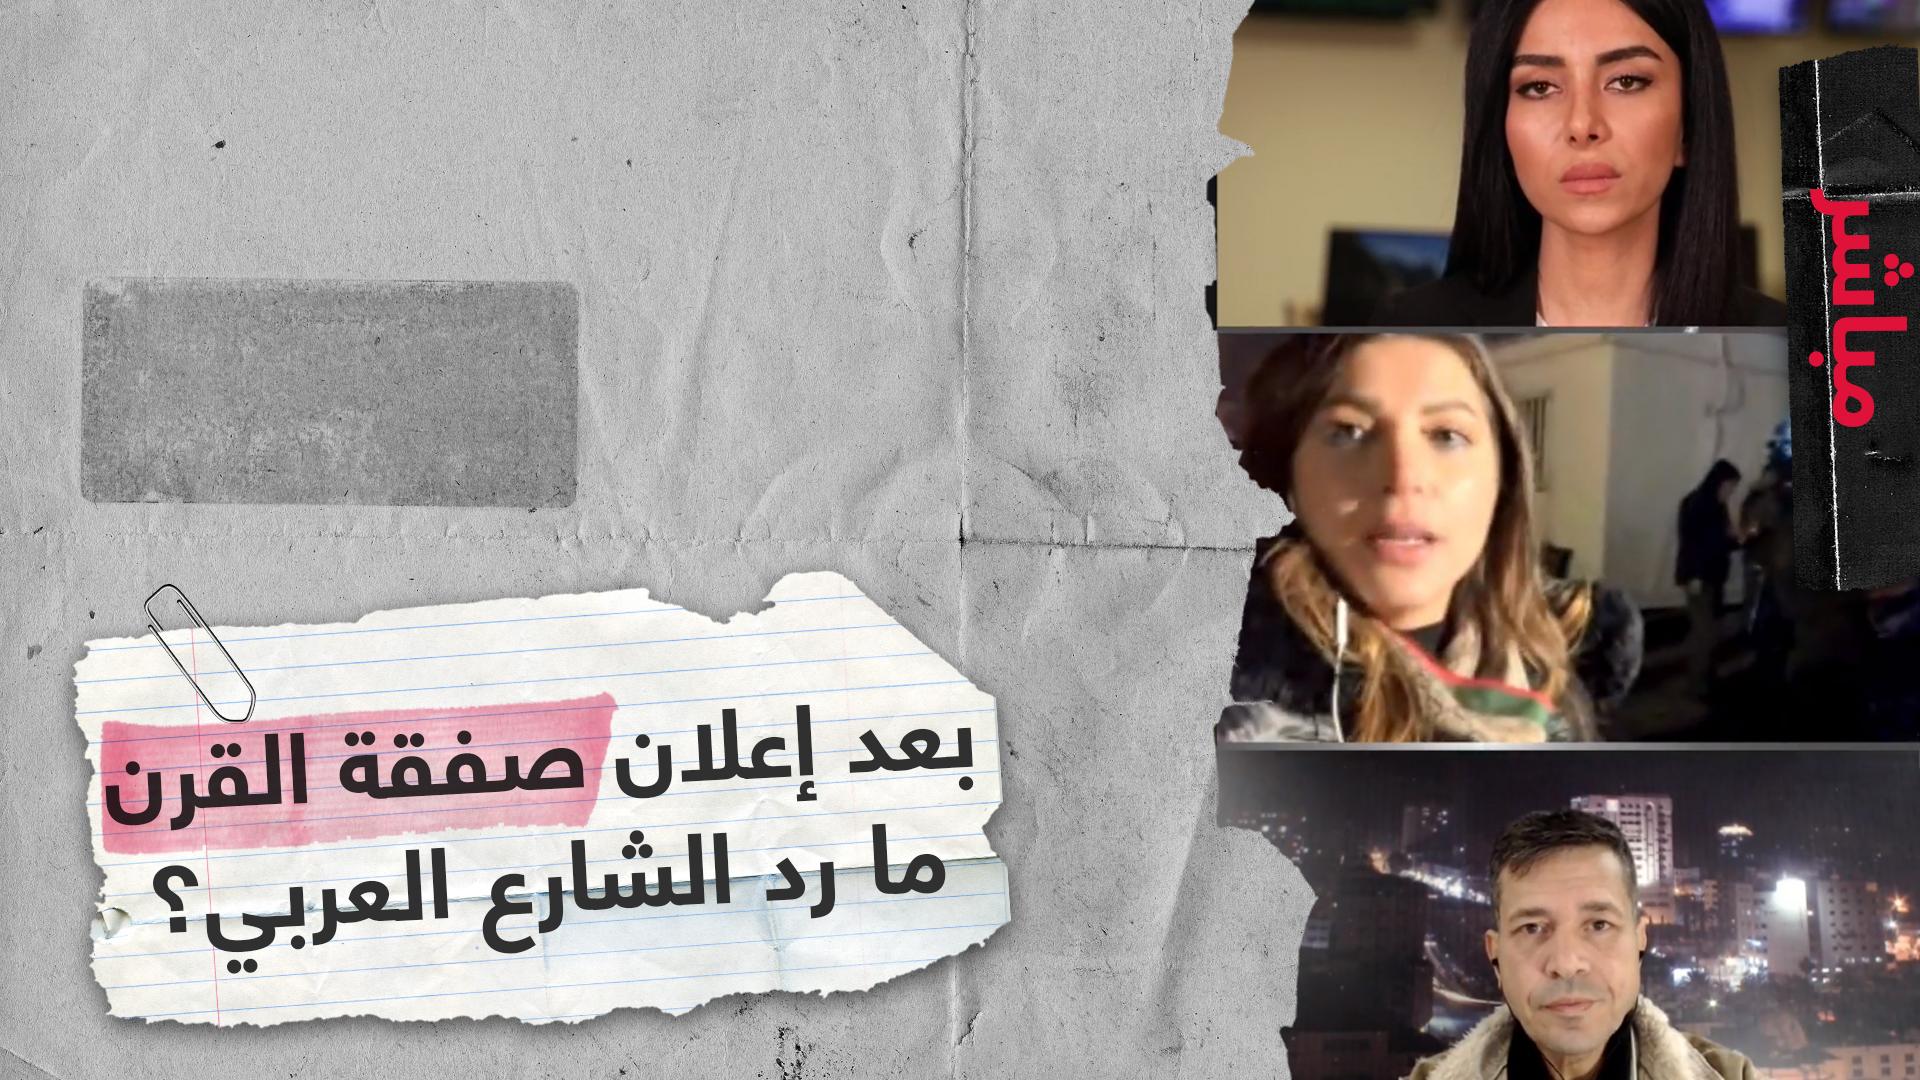 بعد إعلان صفقة القرن.. ما رد الشارع العربي عليها؟